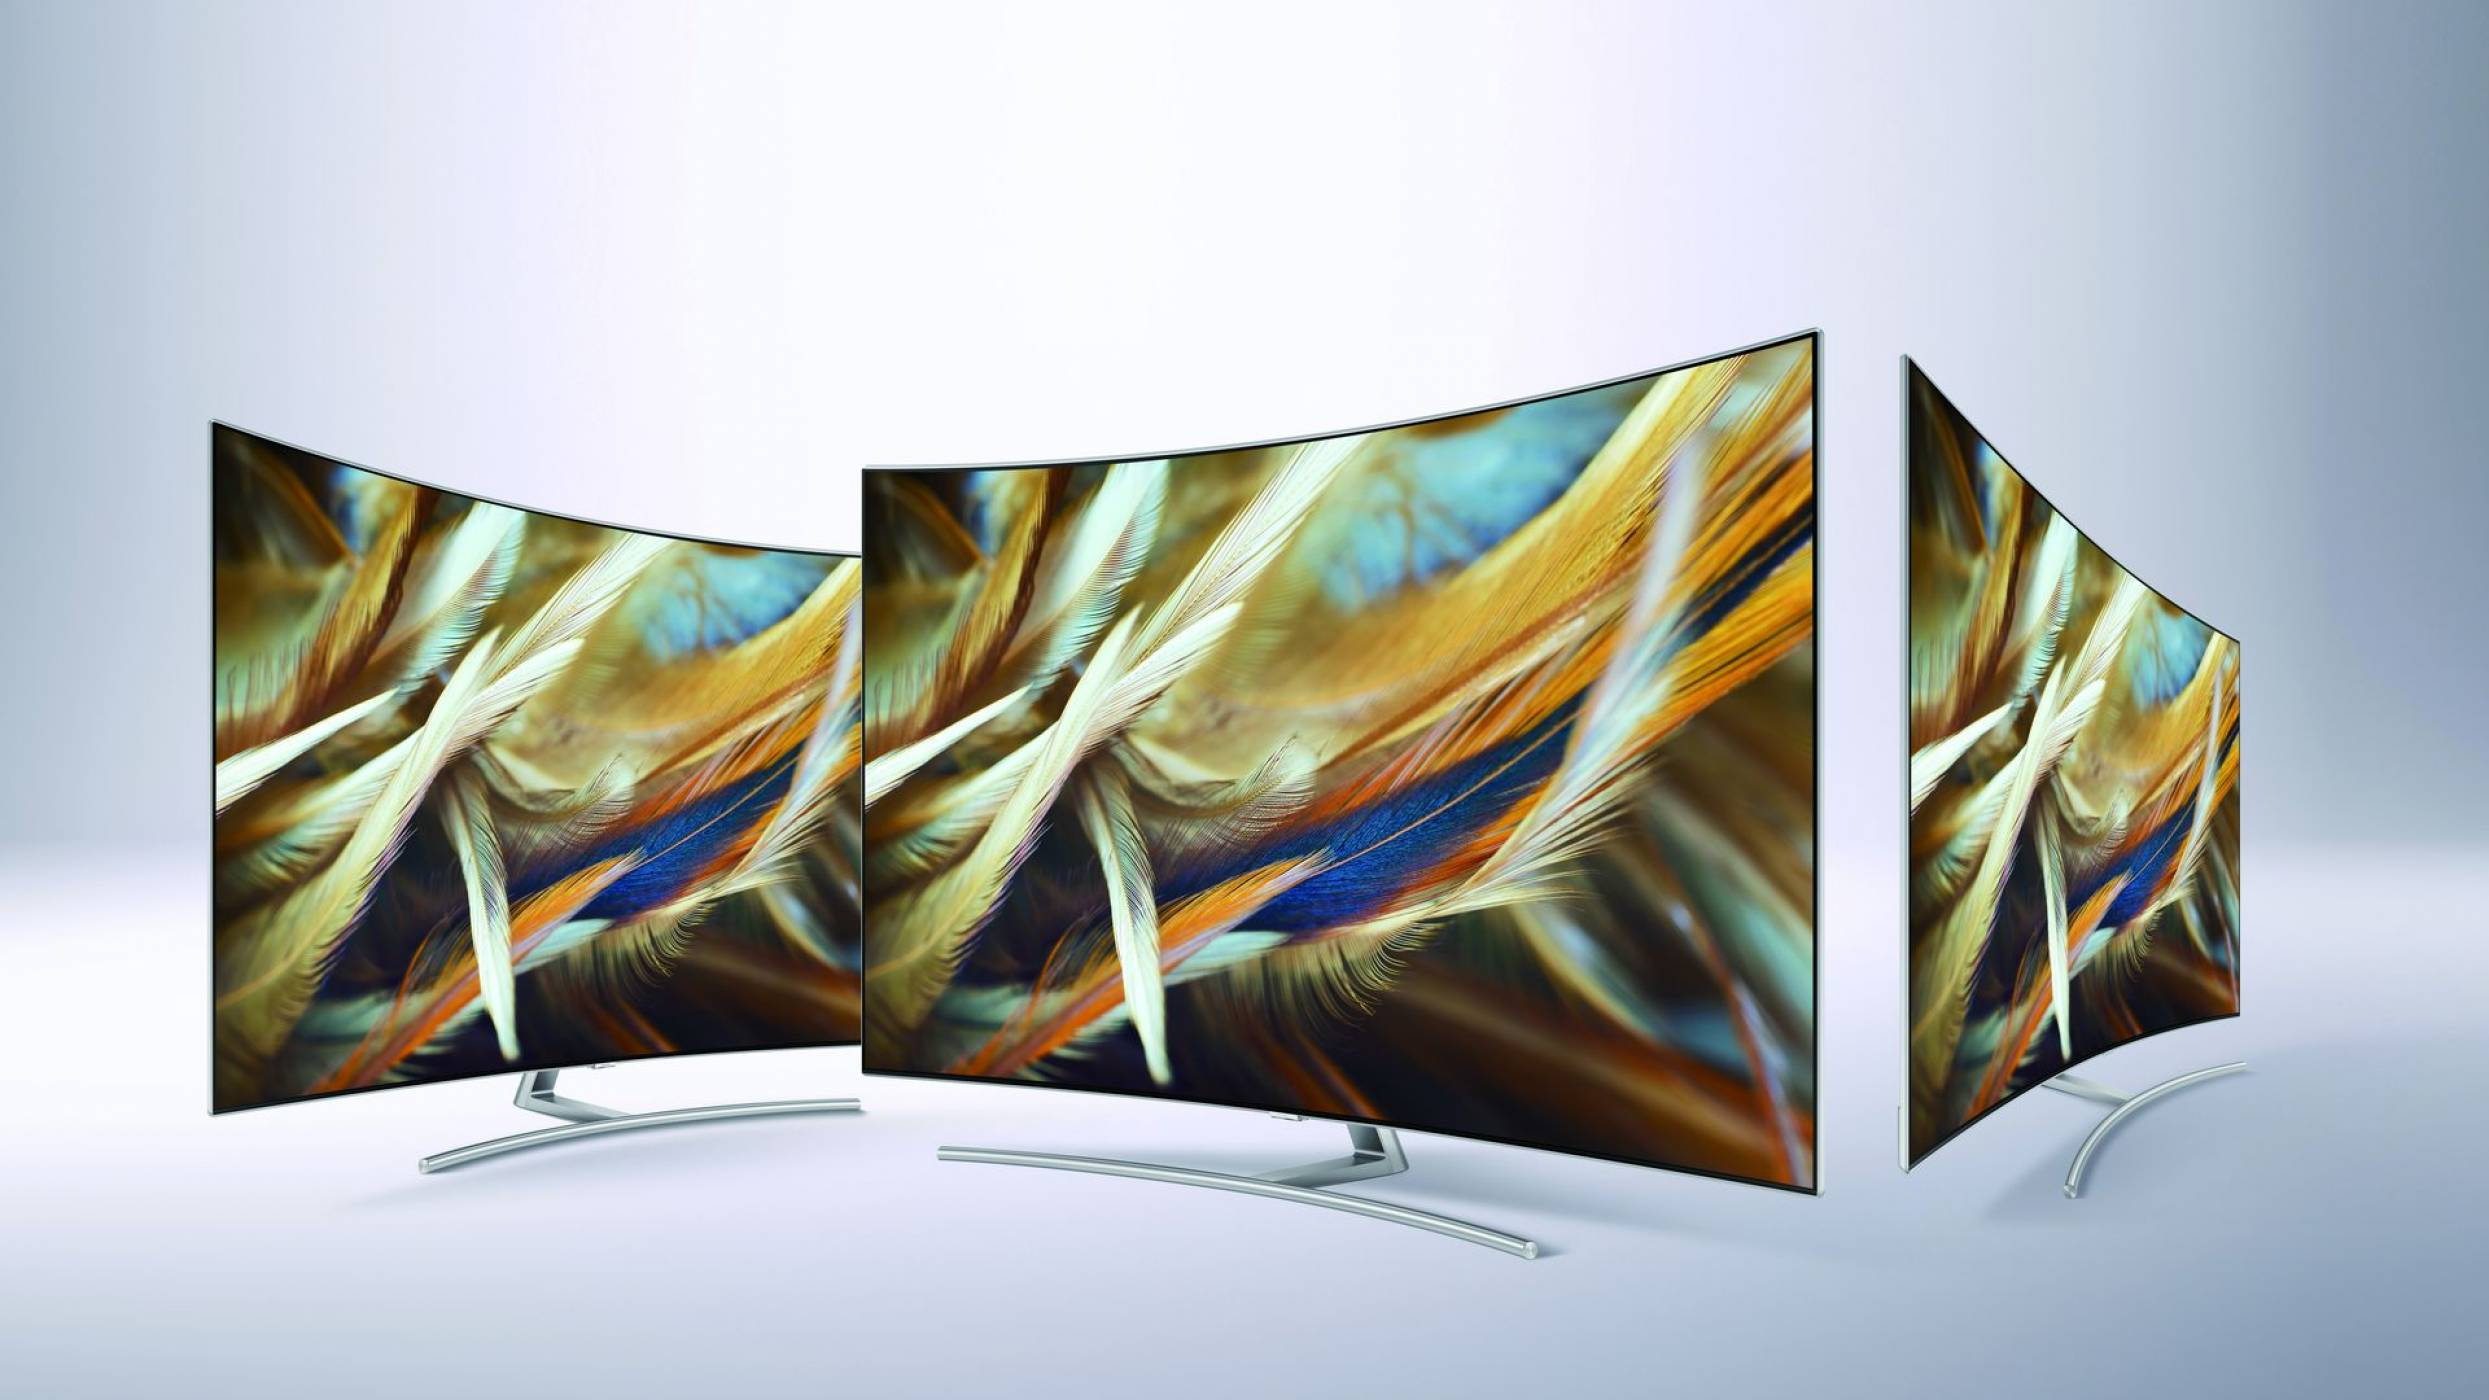 Samsung QLED: красивият цвят зависи от обема